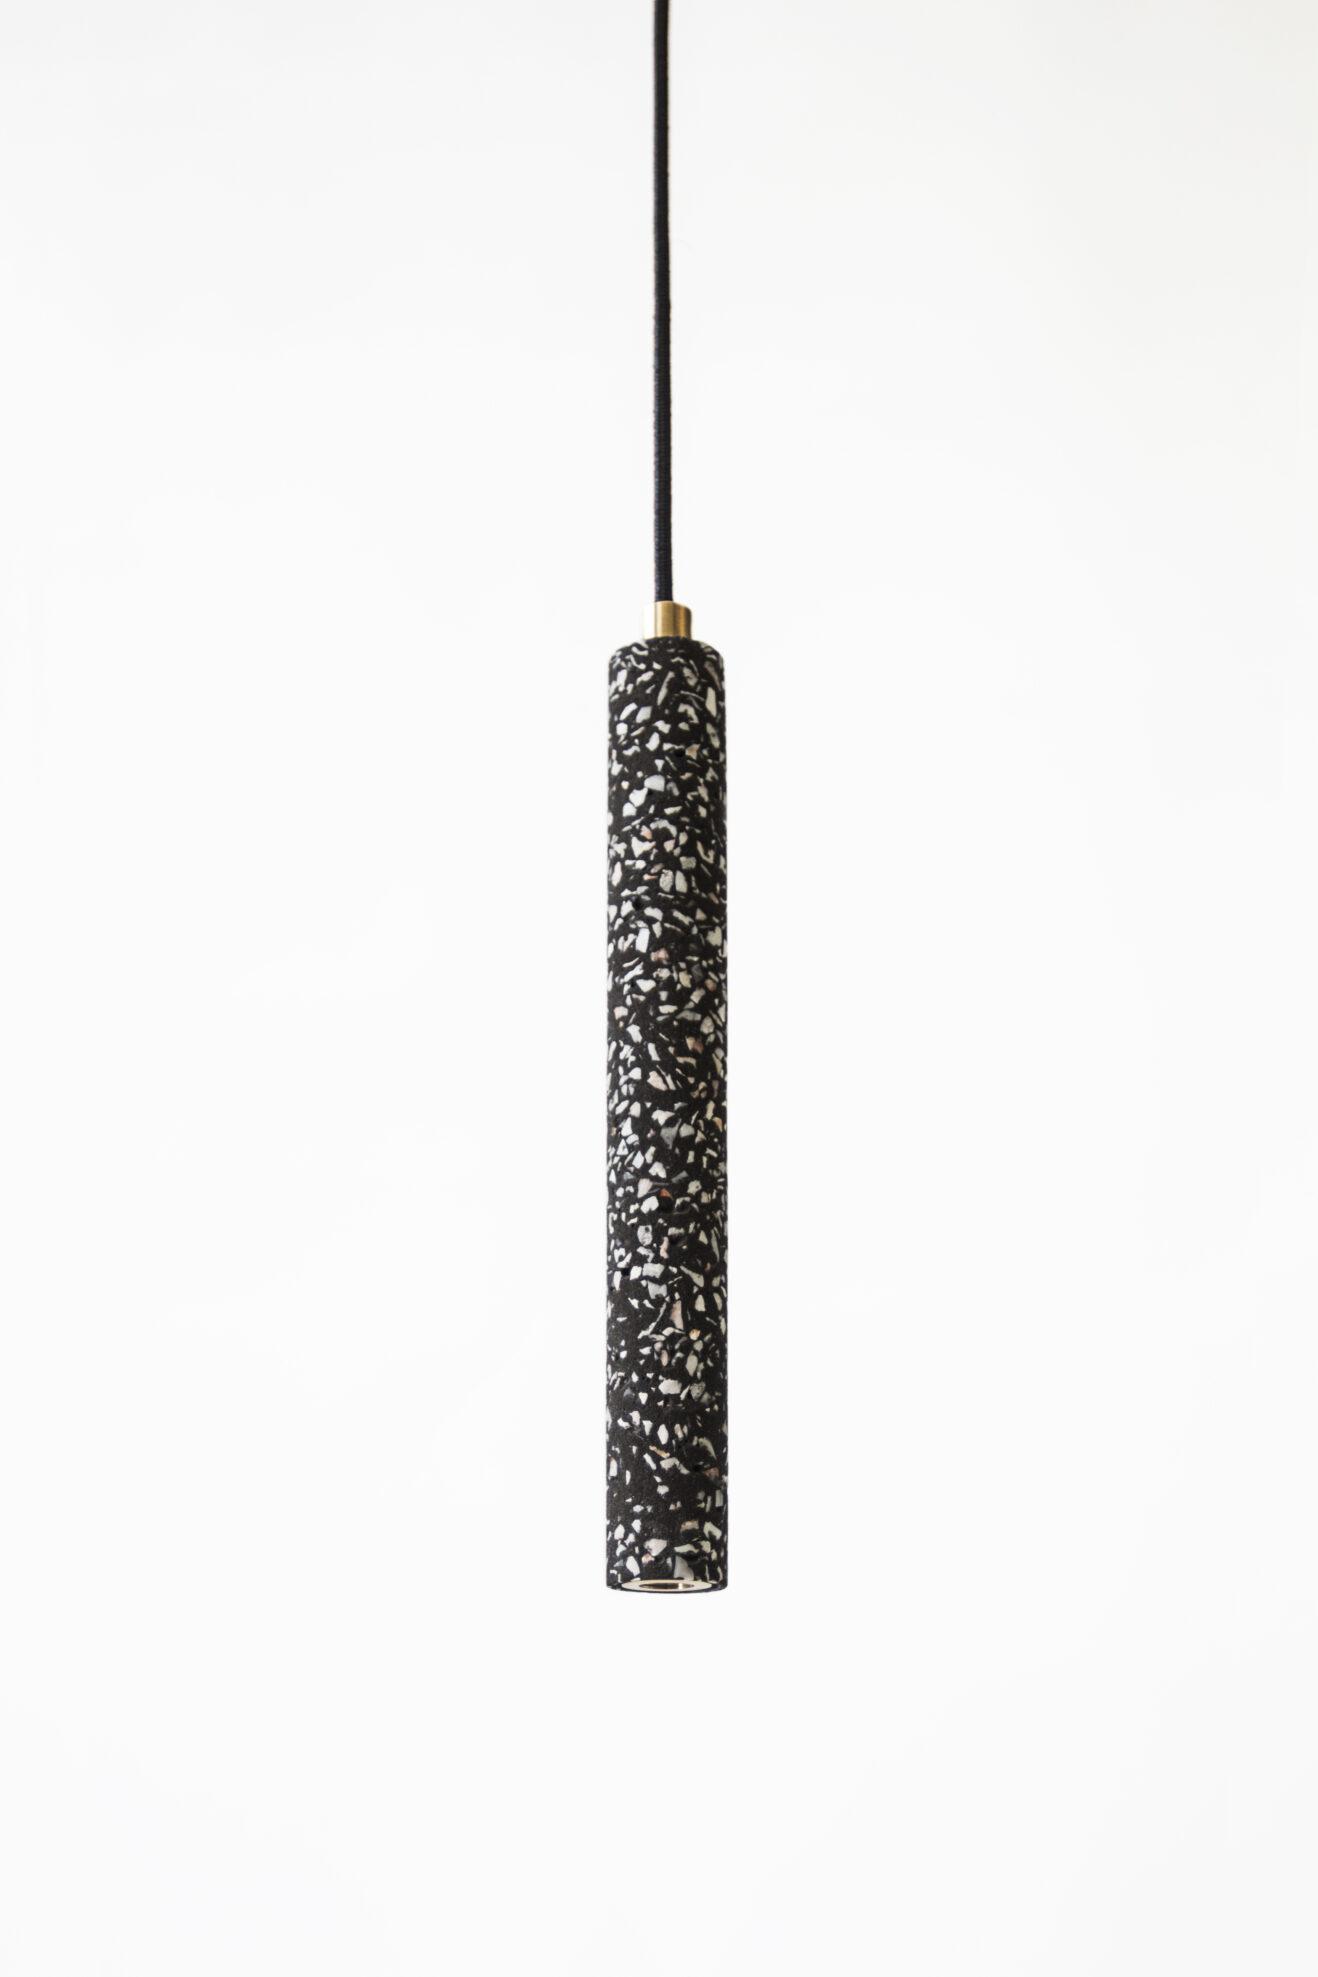 Bang Terrazzo Ceiling lamp by Bentu Design 1